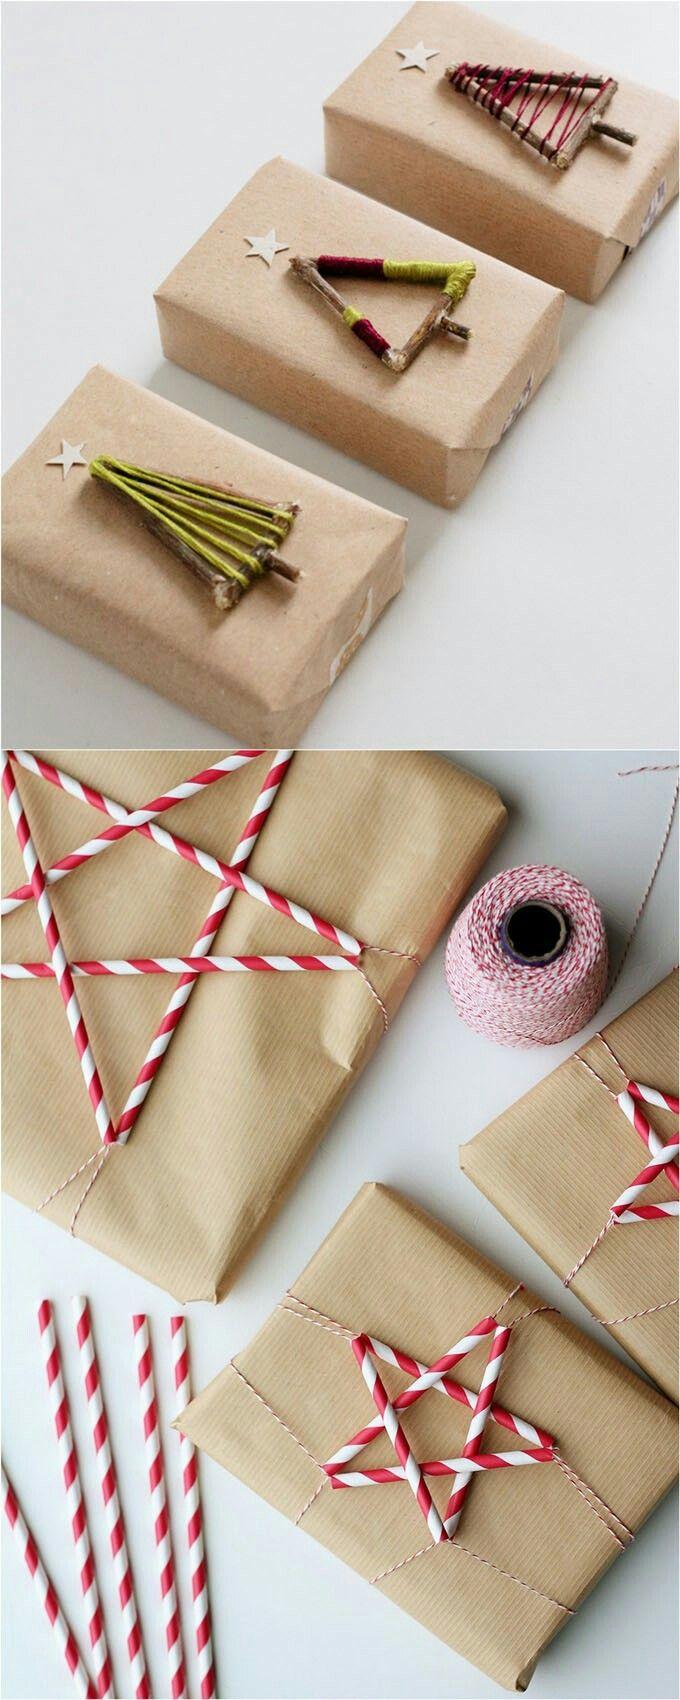 Amüsant Kleine Weihnachtsgeschenke Basteln Referenz Von Present Geschenk, Geschenke Verpacken, Basteln, Geschenkideen, Mit